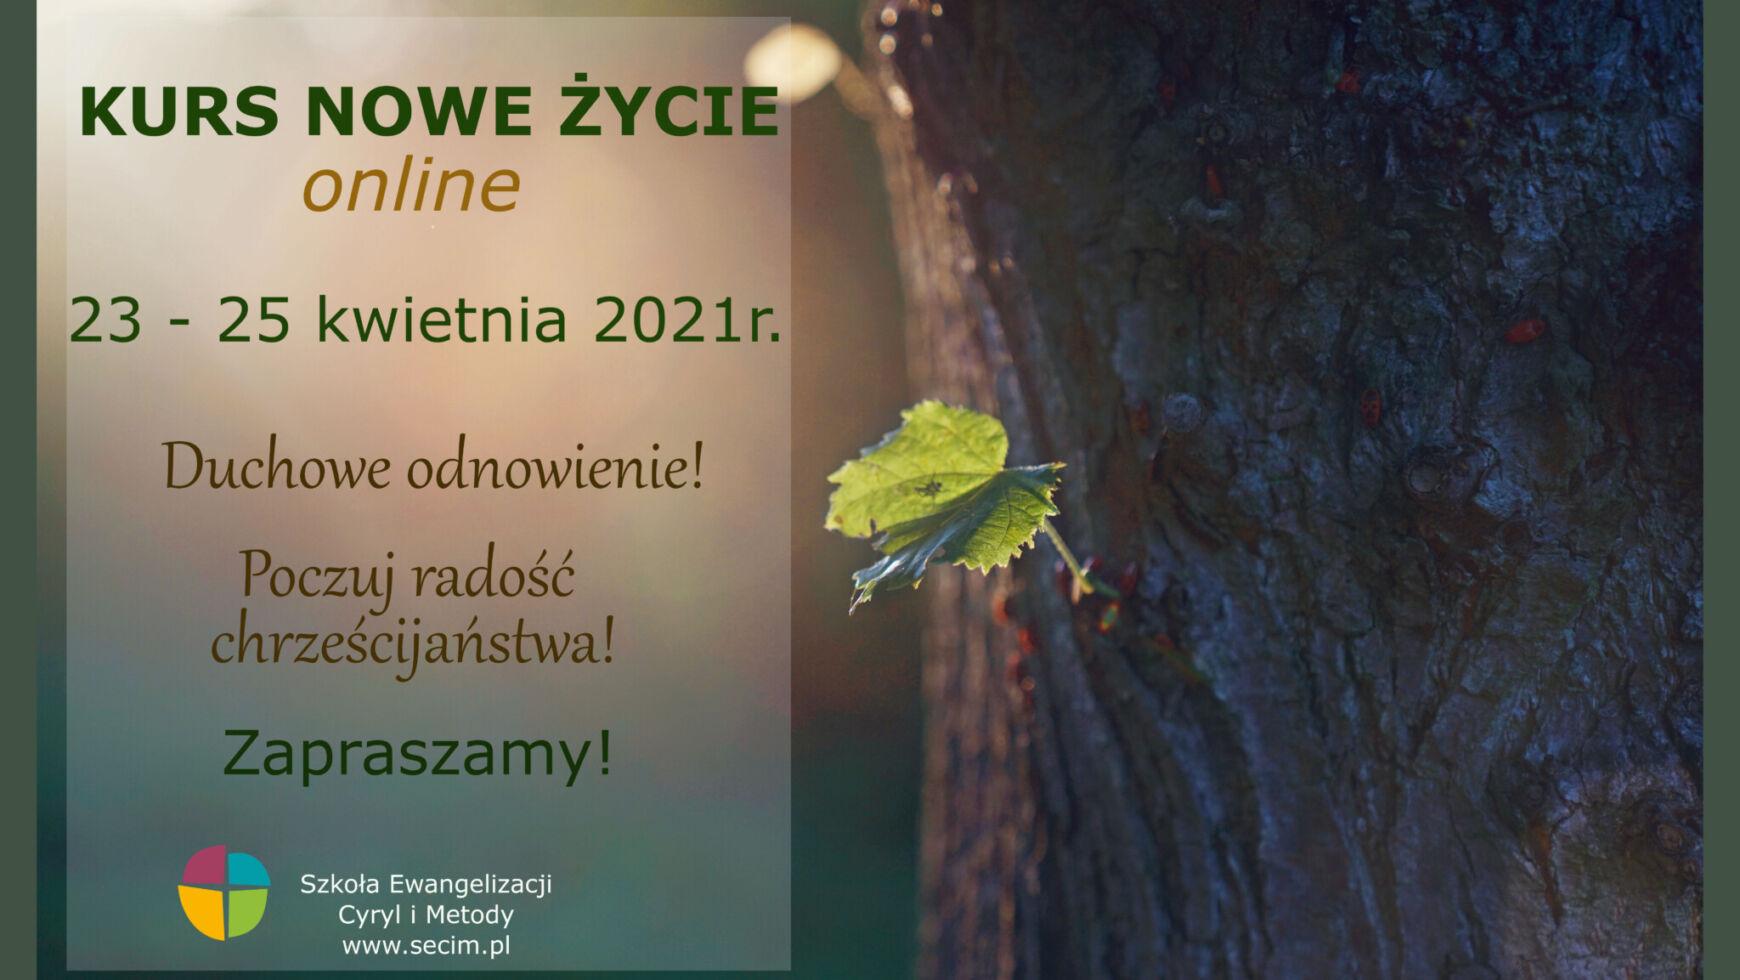 Kurs Nowe Życie, Online